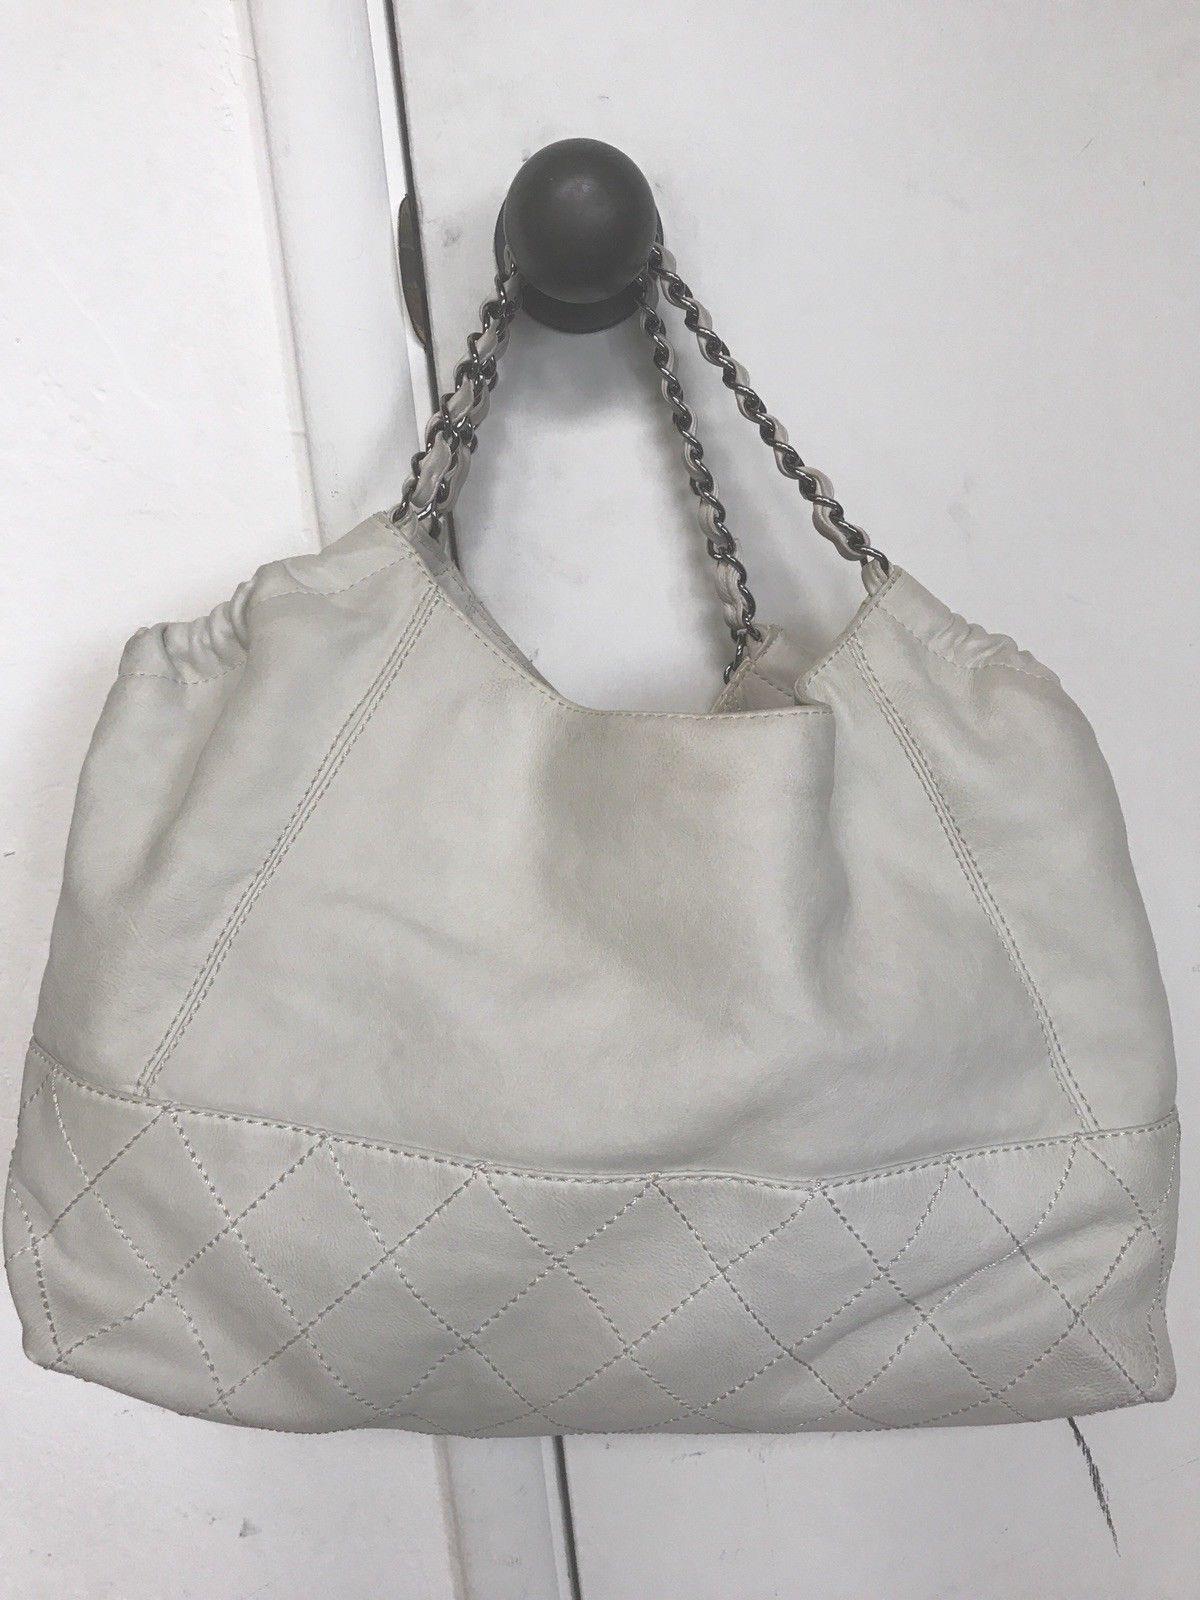 1e52f5e2b Auth Chanel Handbag Ivory white Leather Coco Cabas Tote handbag shoulder bag  $425.0 #chanel #handbag